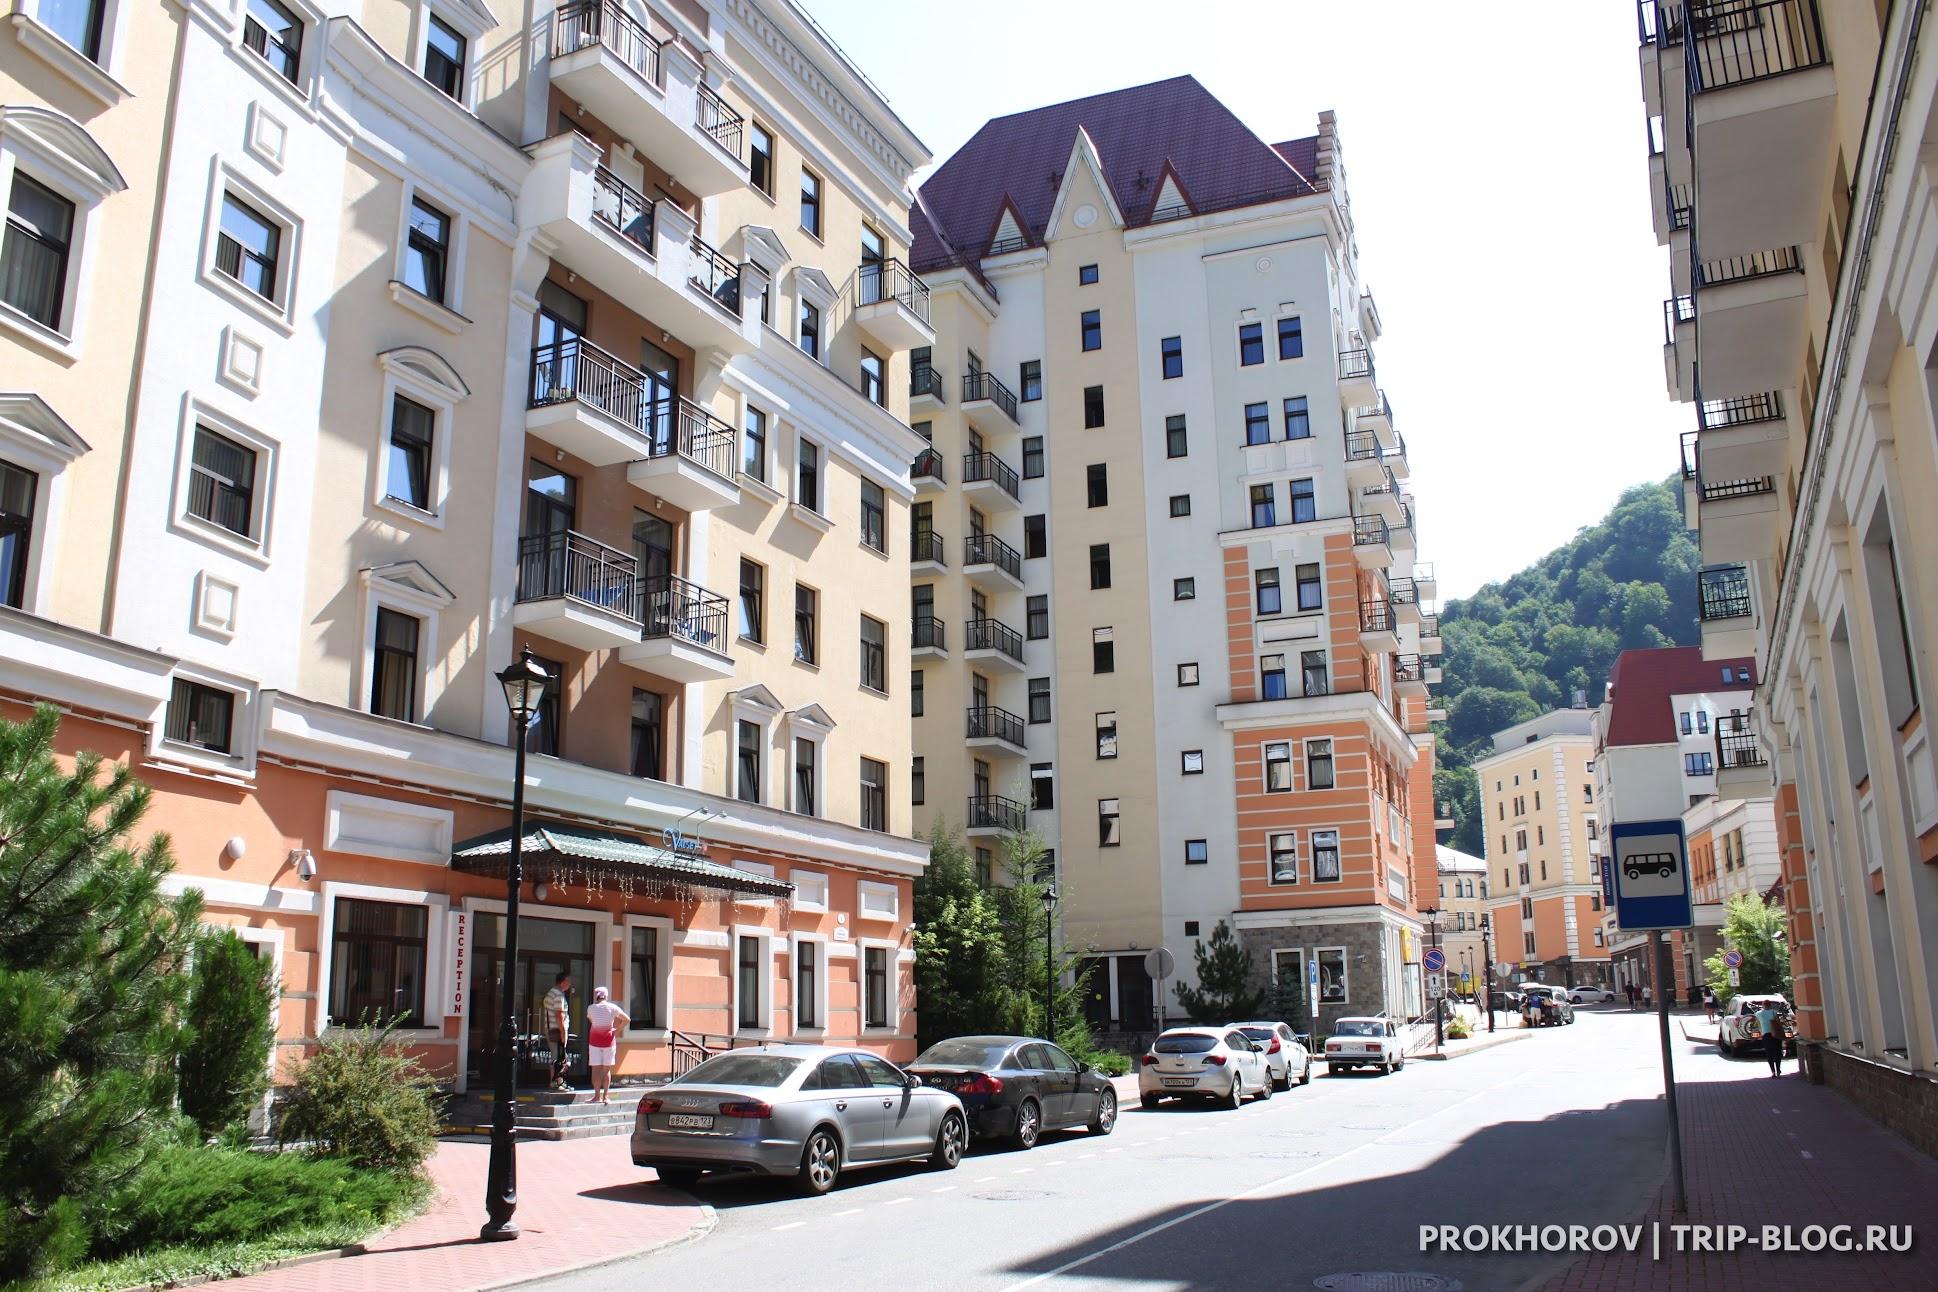 Вход в здание Valset apartments